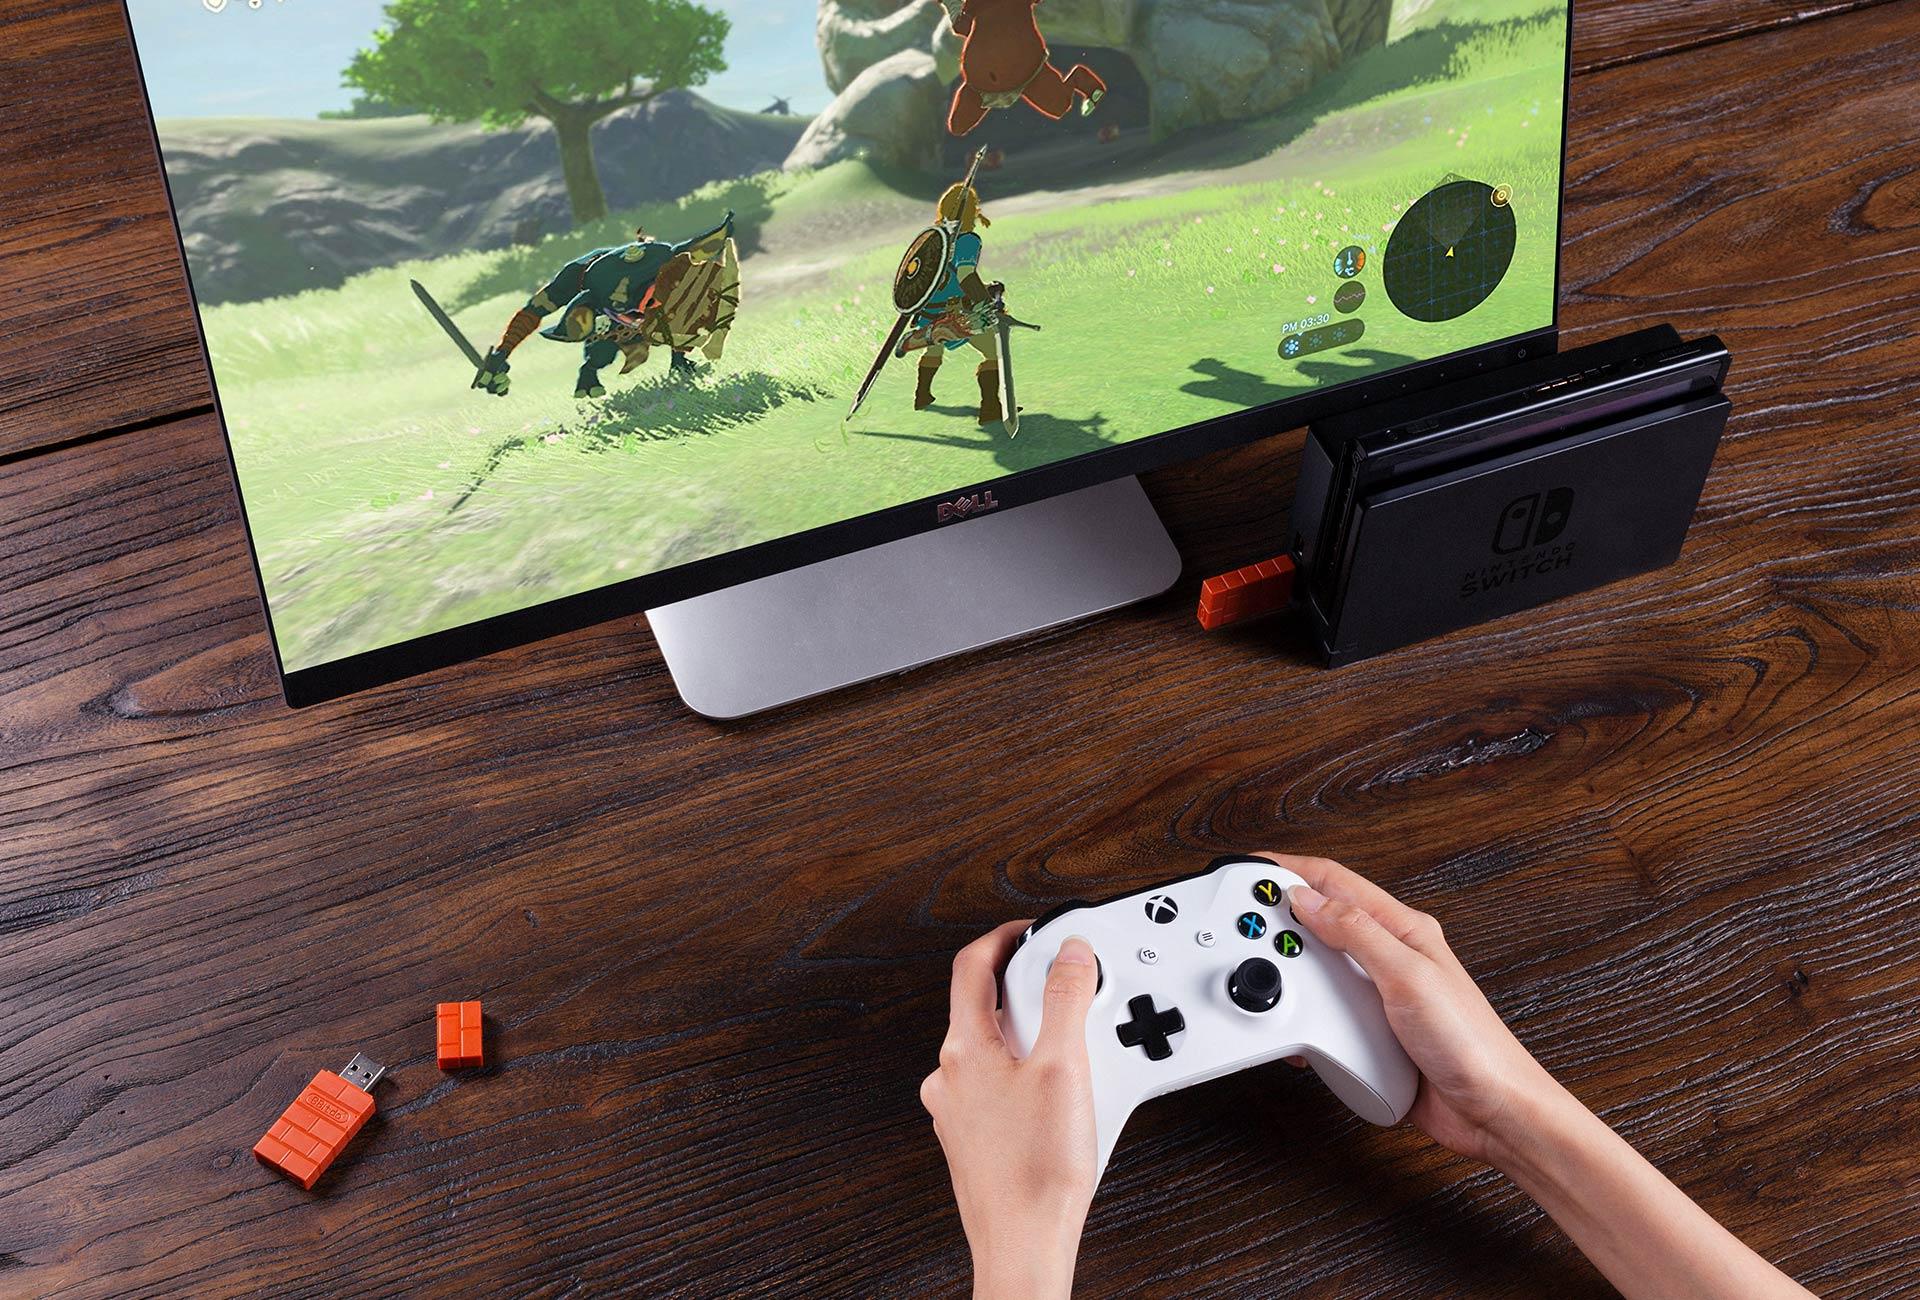 USB 8Bitdo para Nintendo Switch ahora es compatible con los controles de Xbox One S-GamersRD